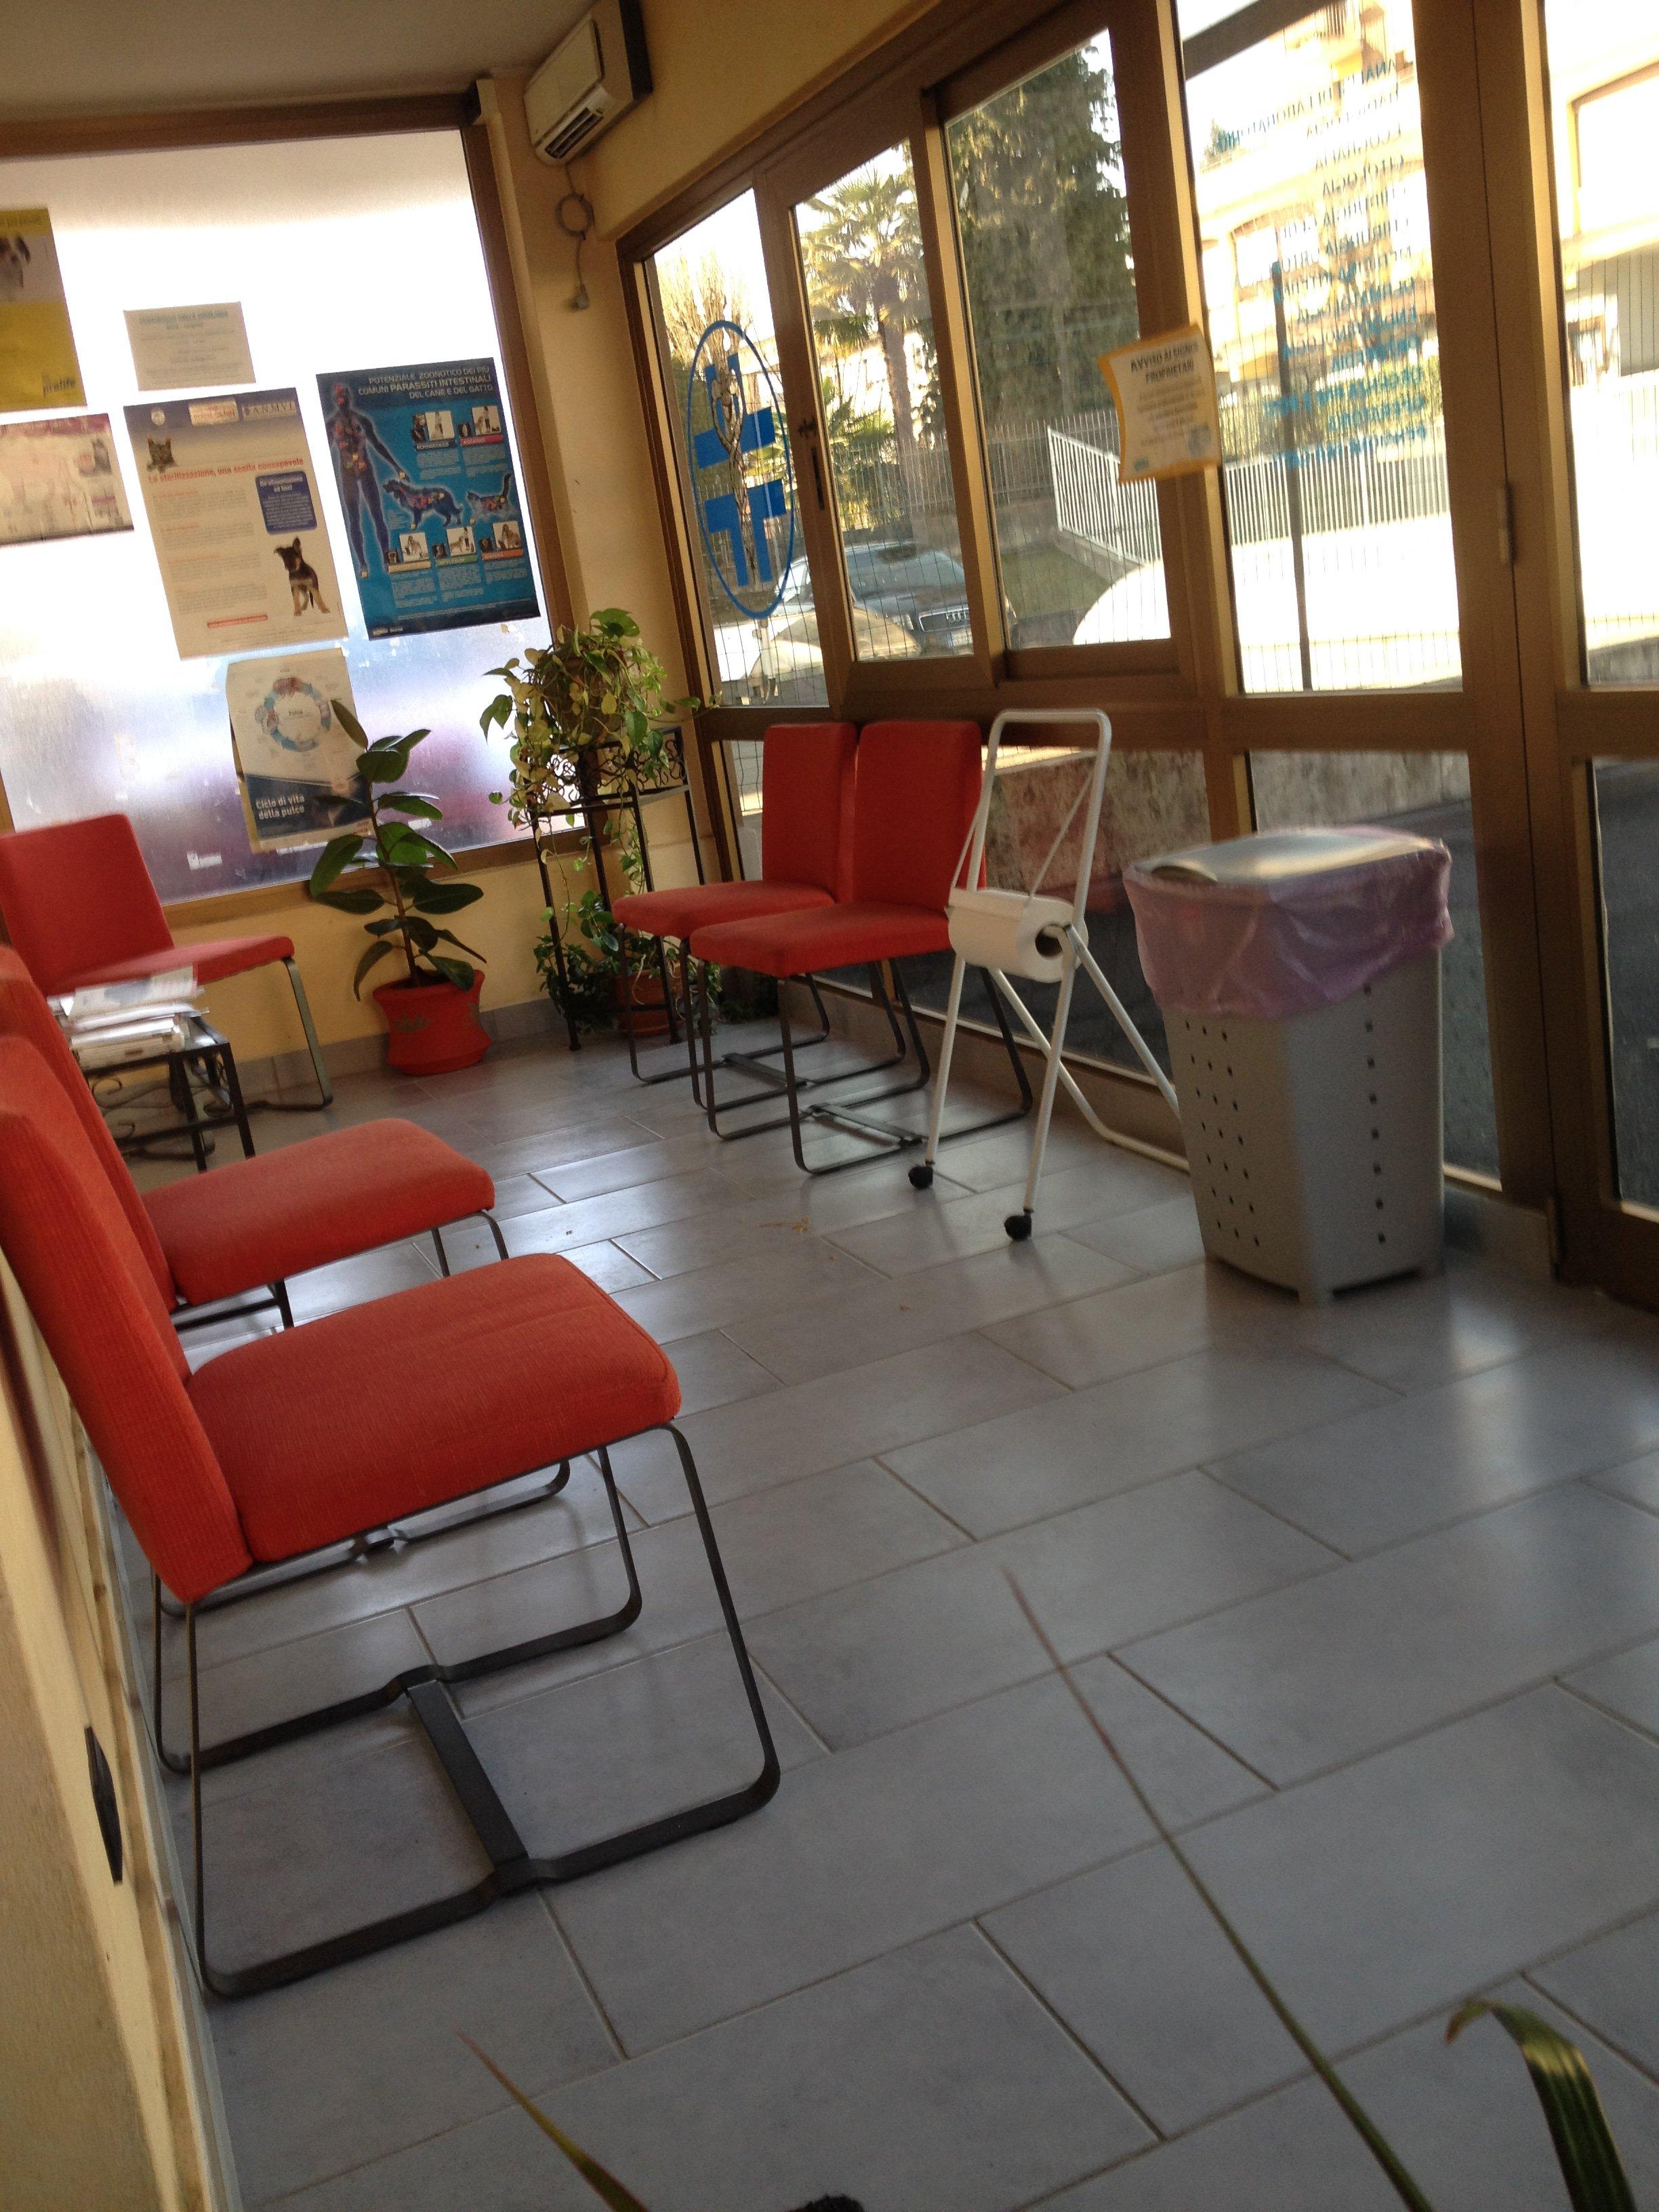 Sala d'attesa del centro veterinario